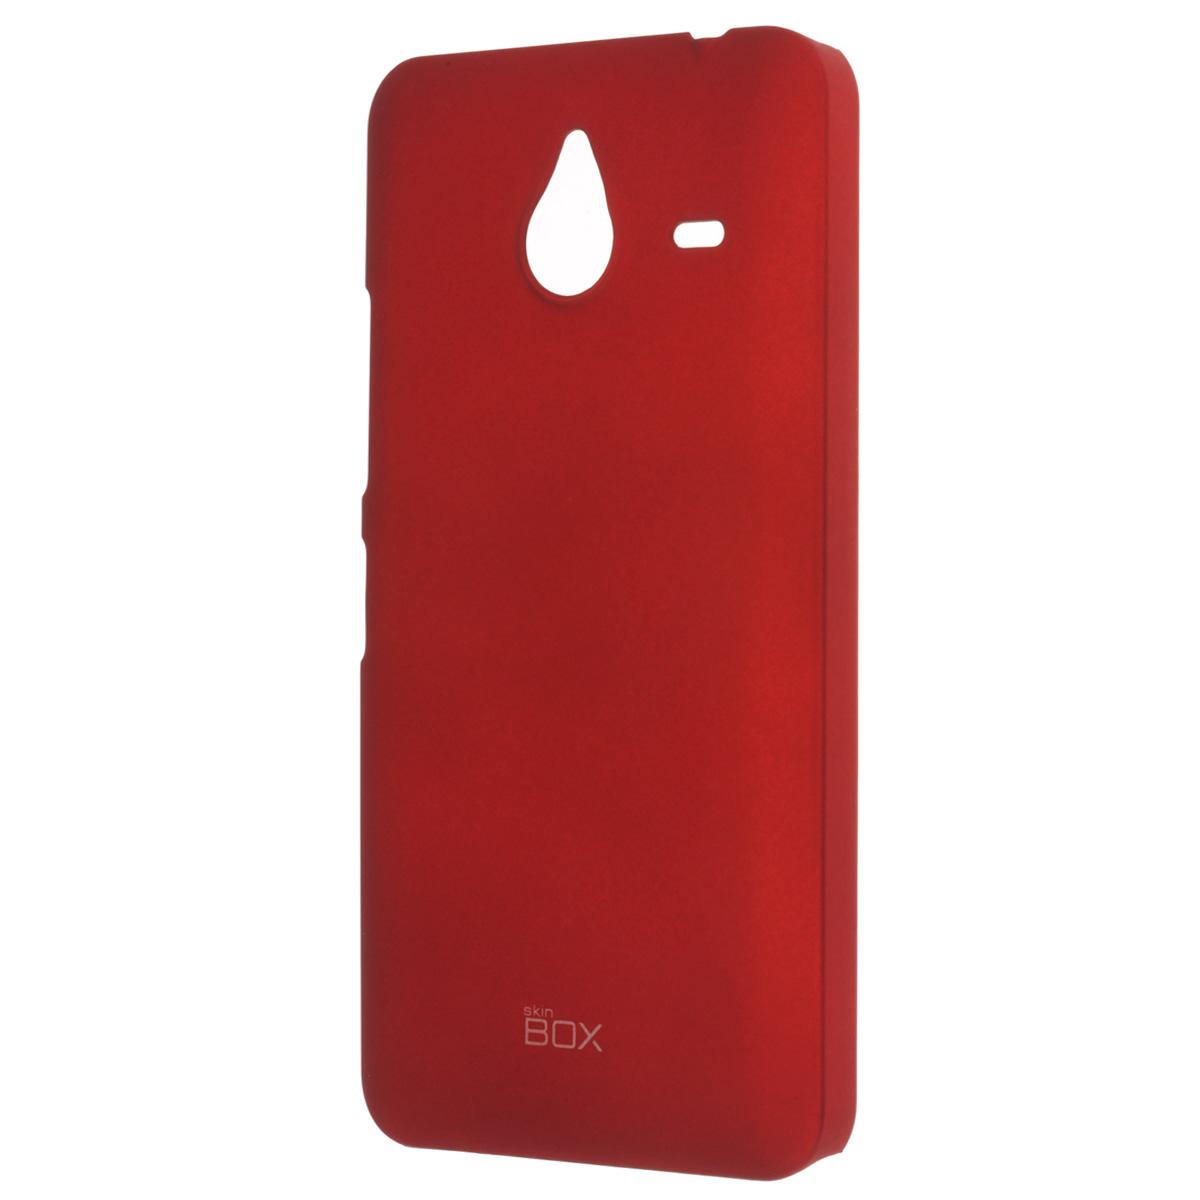 Skinbox Shield 4People чехол для Microsoft Lumia 640XL, RedT-S-ML640XL-002Накладка Skinbox Shield 4People для Microsoft Lumia 640XL - отличный аксессуар для защиты корпуса вашего смартфона от внешних повреждений, сохраняющий размеры устройства и обеспечивающий удобство работы с ним. Устойчивый к истиранию пластик надежно амортизирует мелкие механические воздействия и предотвращает появление царапин или потертостей на корпусе вашего гаджета. В комплект также входит защитная пленка для экрана смартфона.